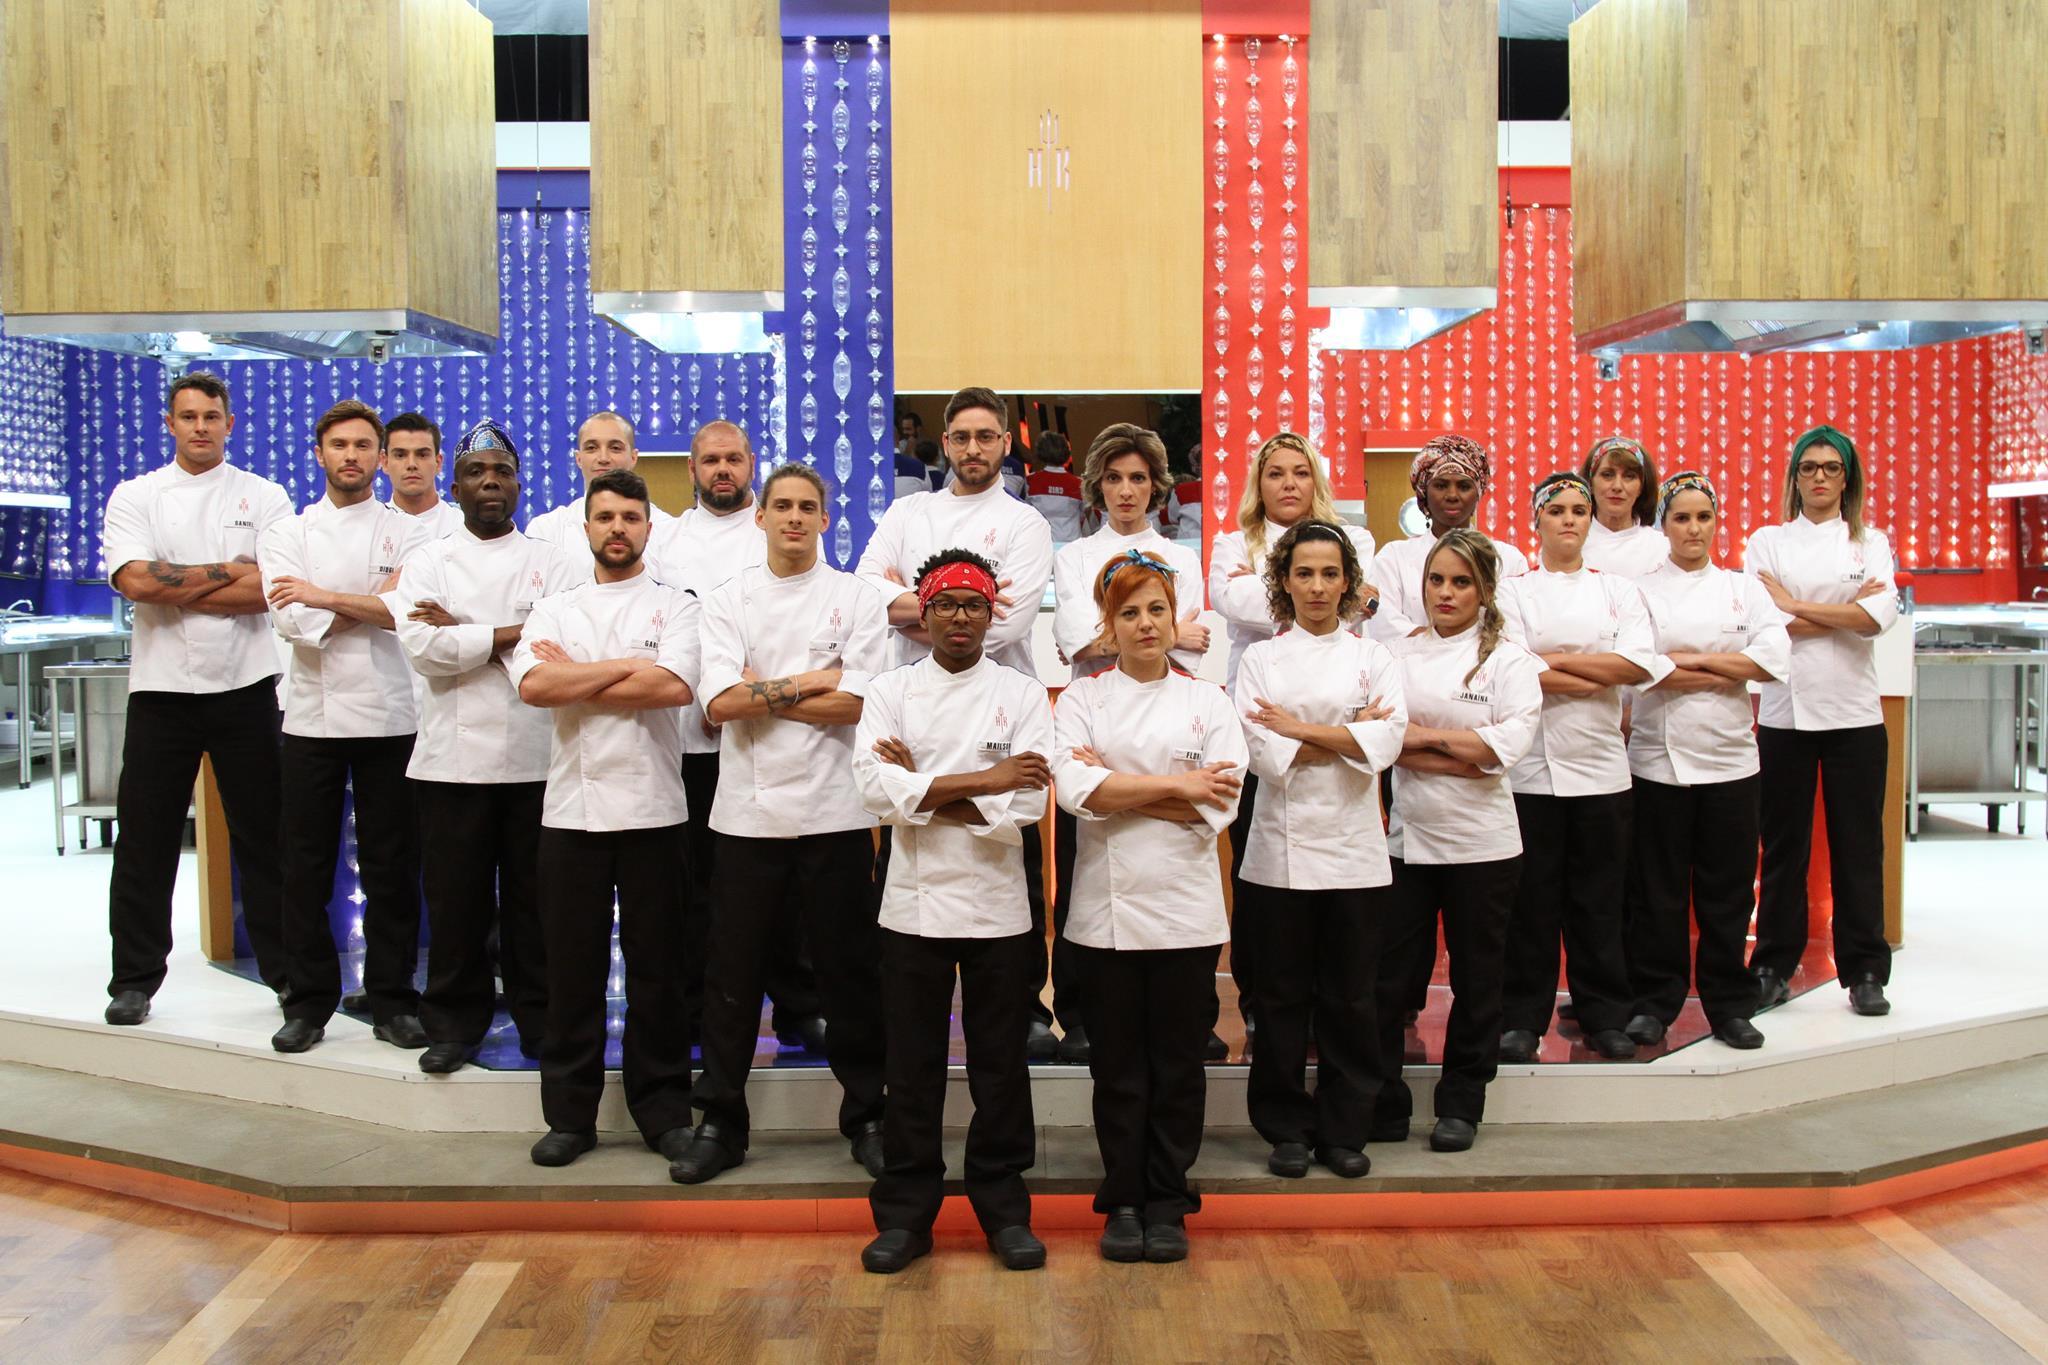 Nesta temporada 10 homens e 10 mulheres disputam o reality culinário (Gabriel Gabe/SBT)